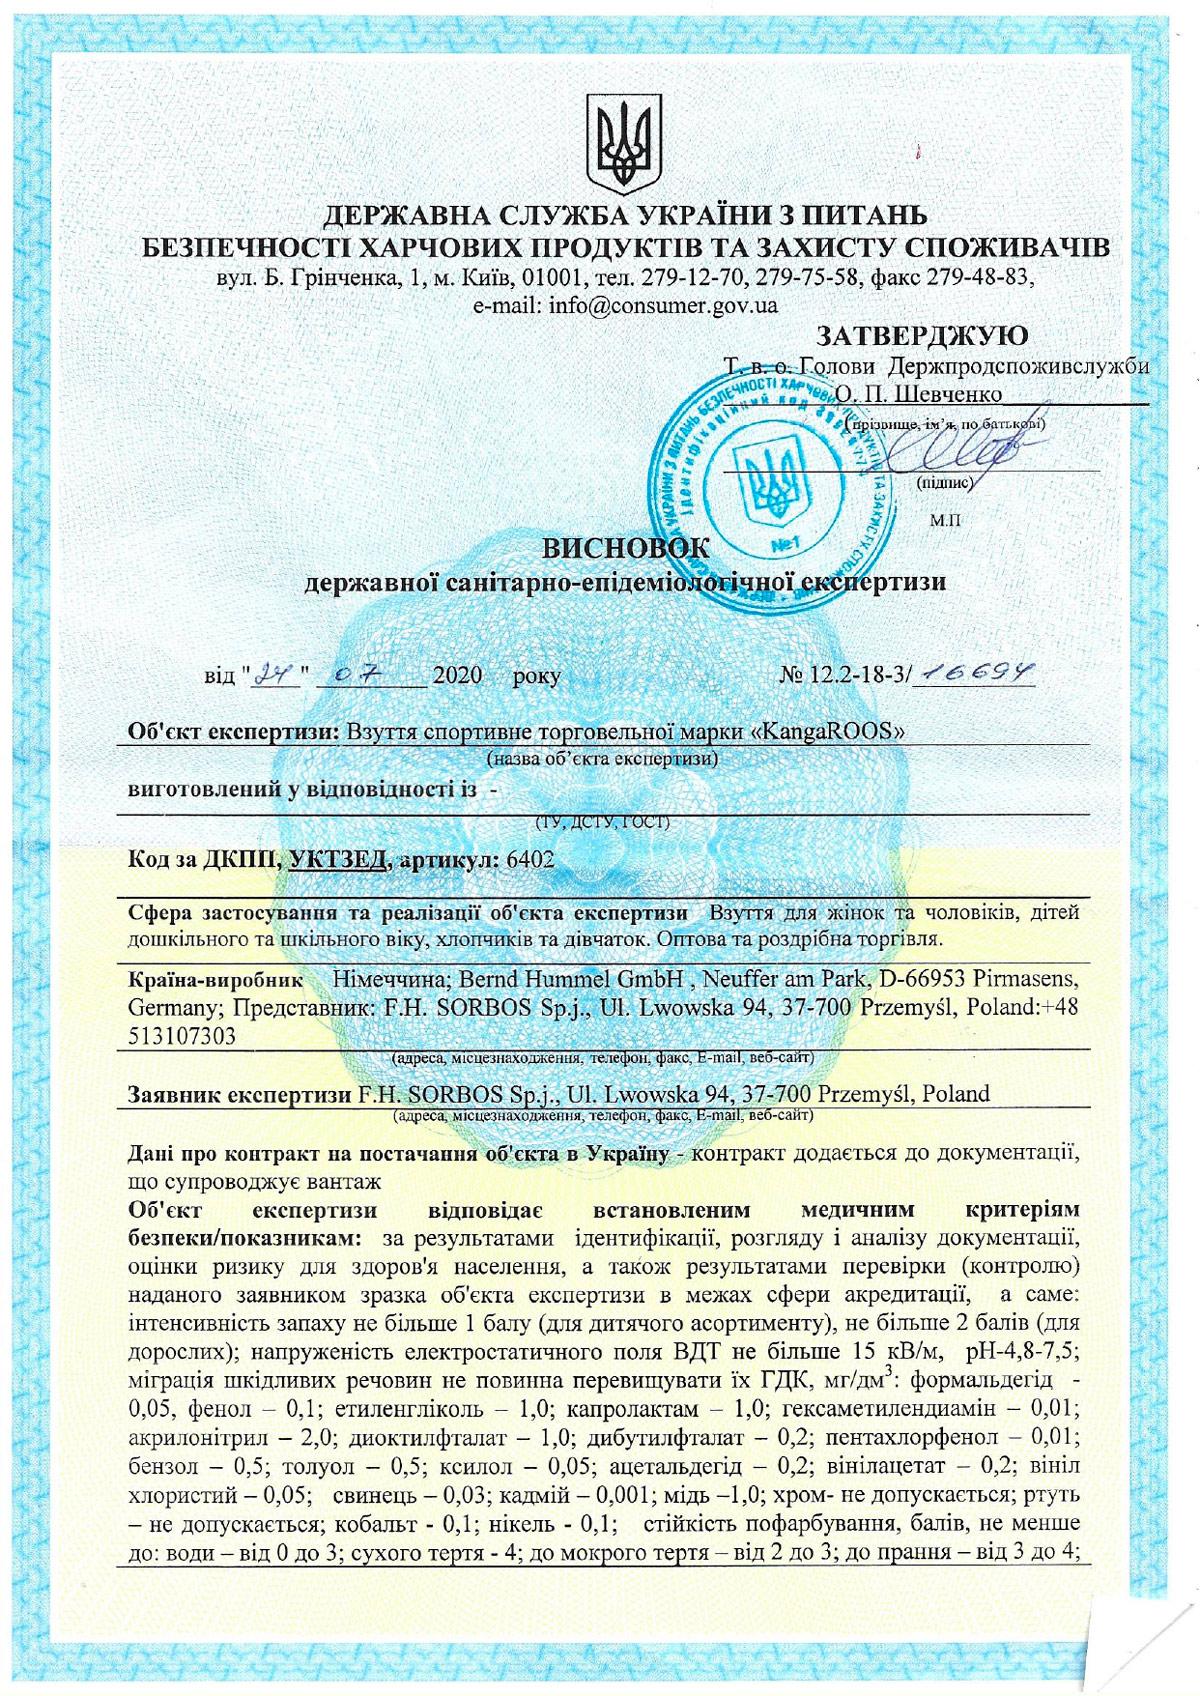 Сертификат и декларация соответствия на обуви KANGAROOS